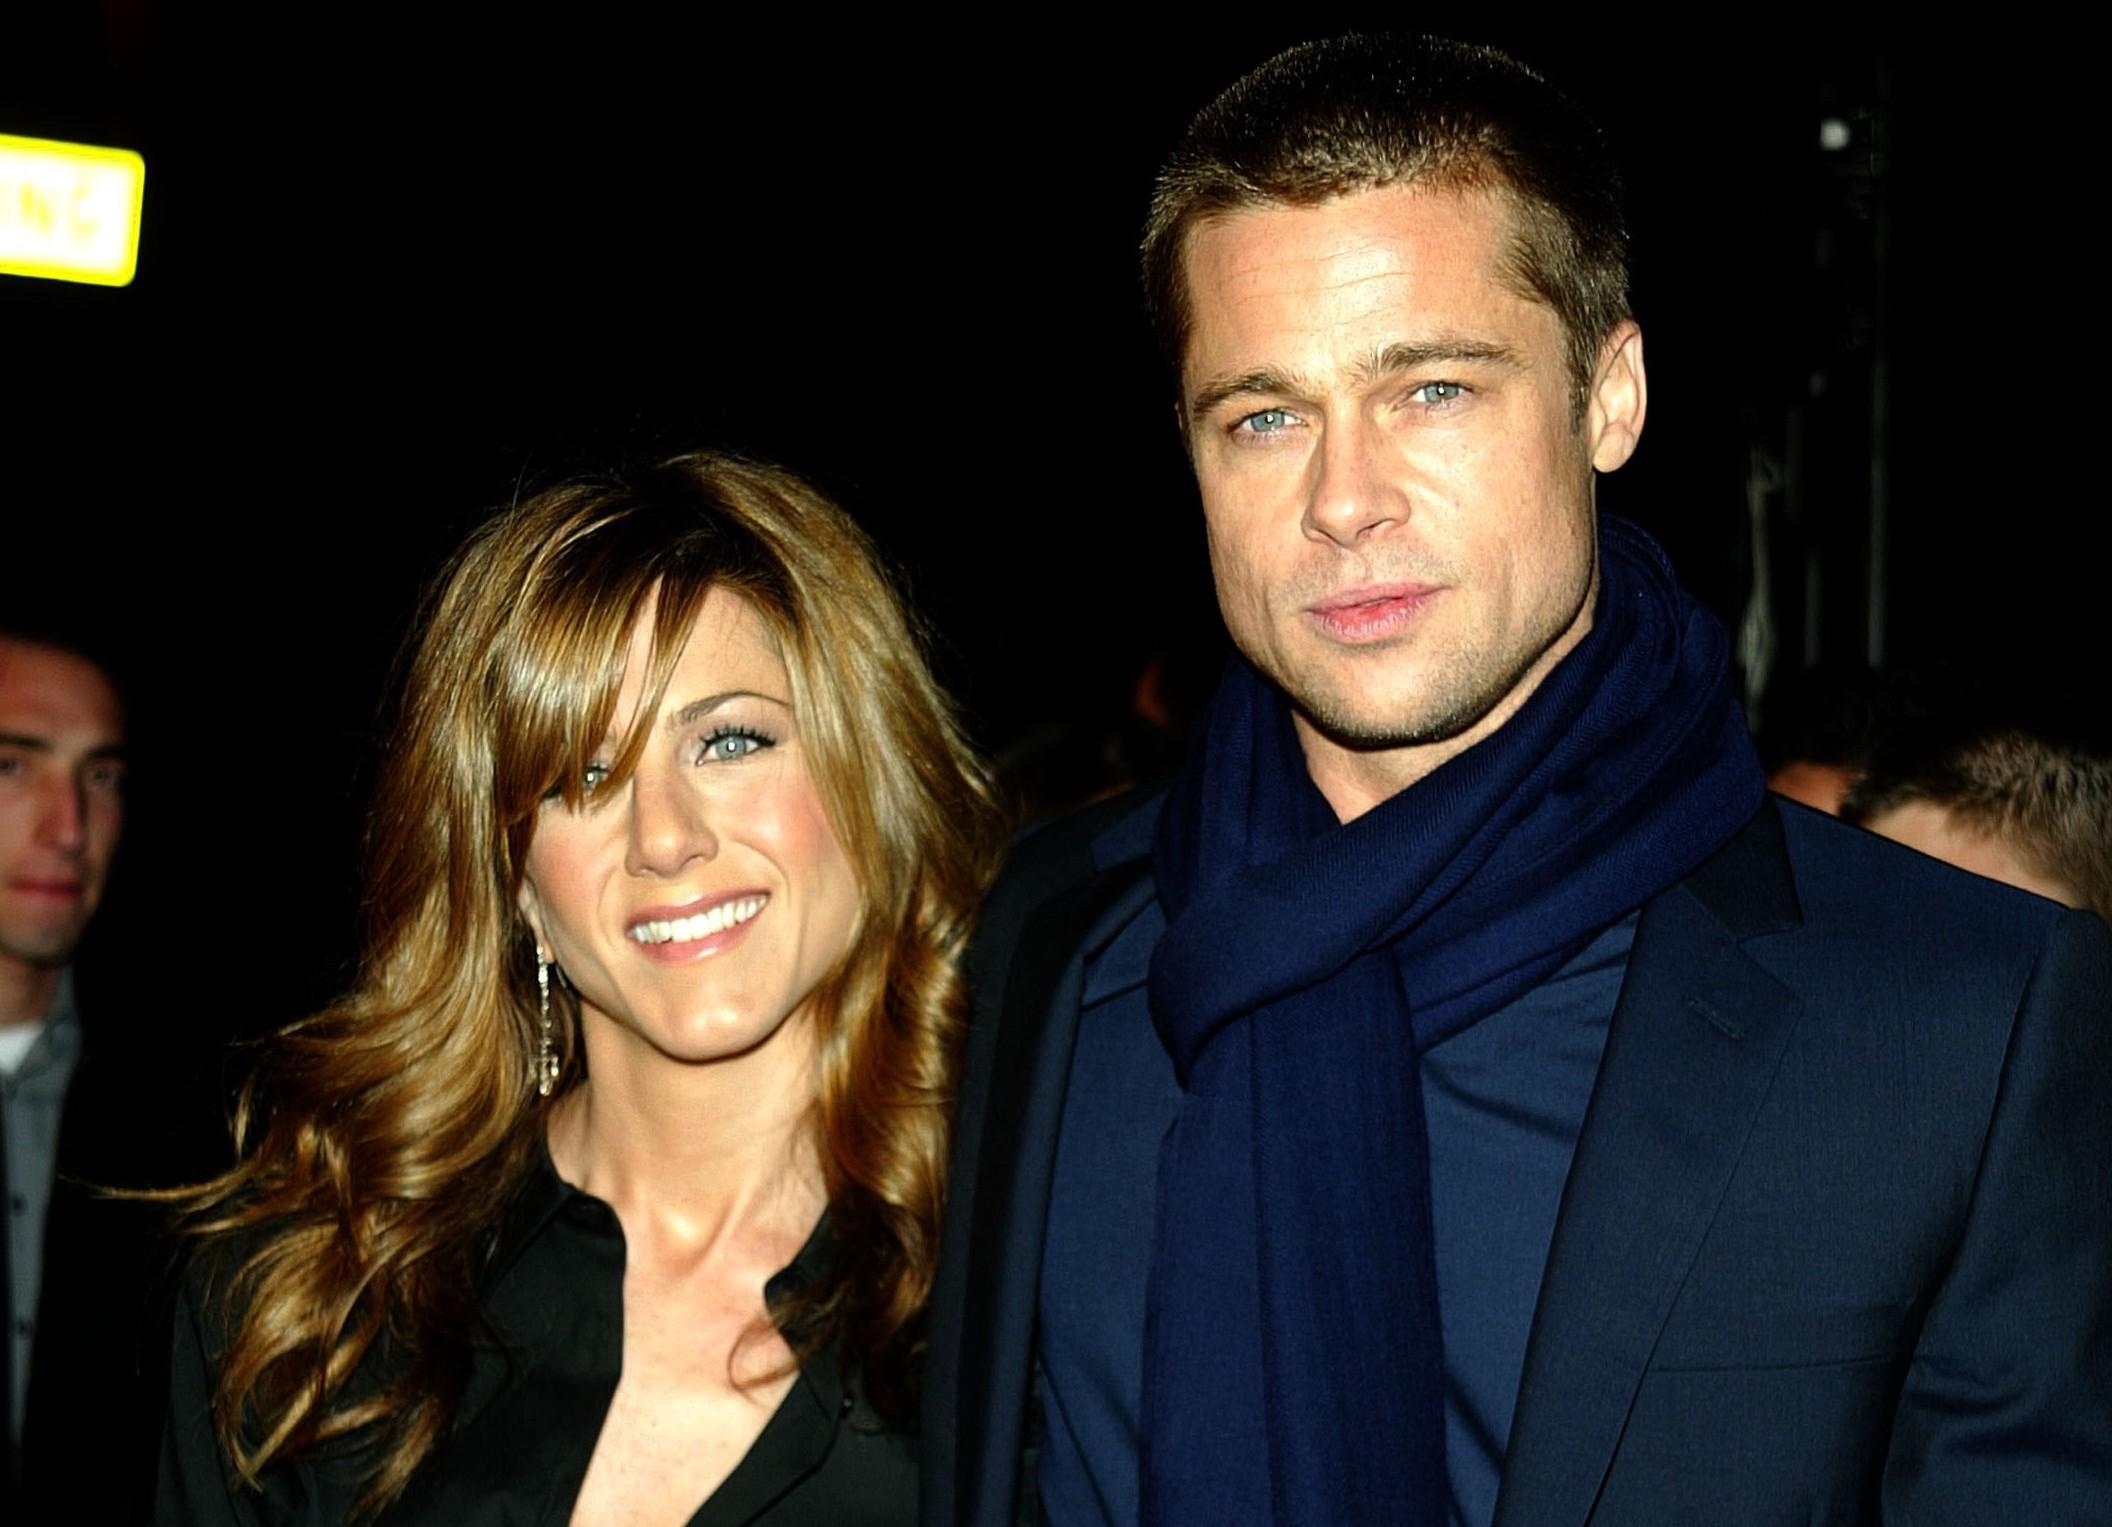 Ce couple mythique des 90's est-il en train de se reformer?